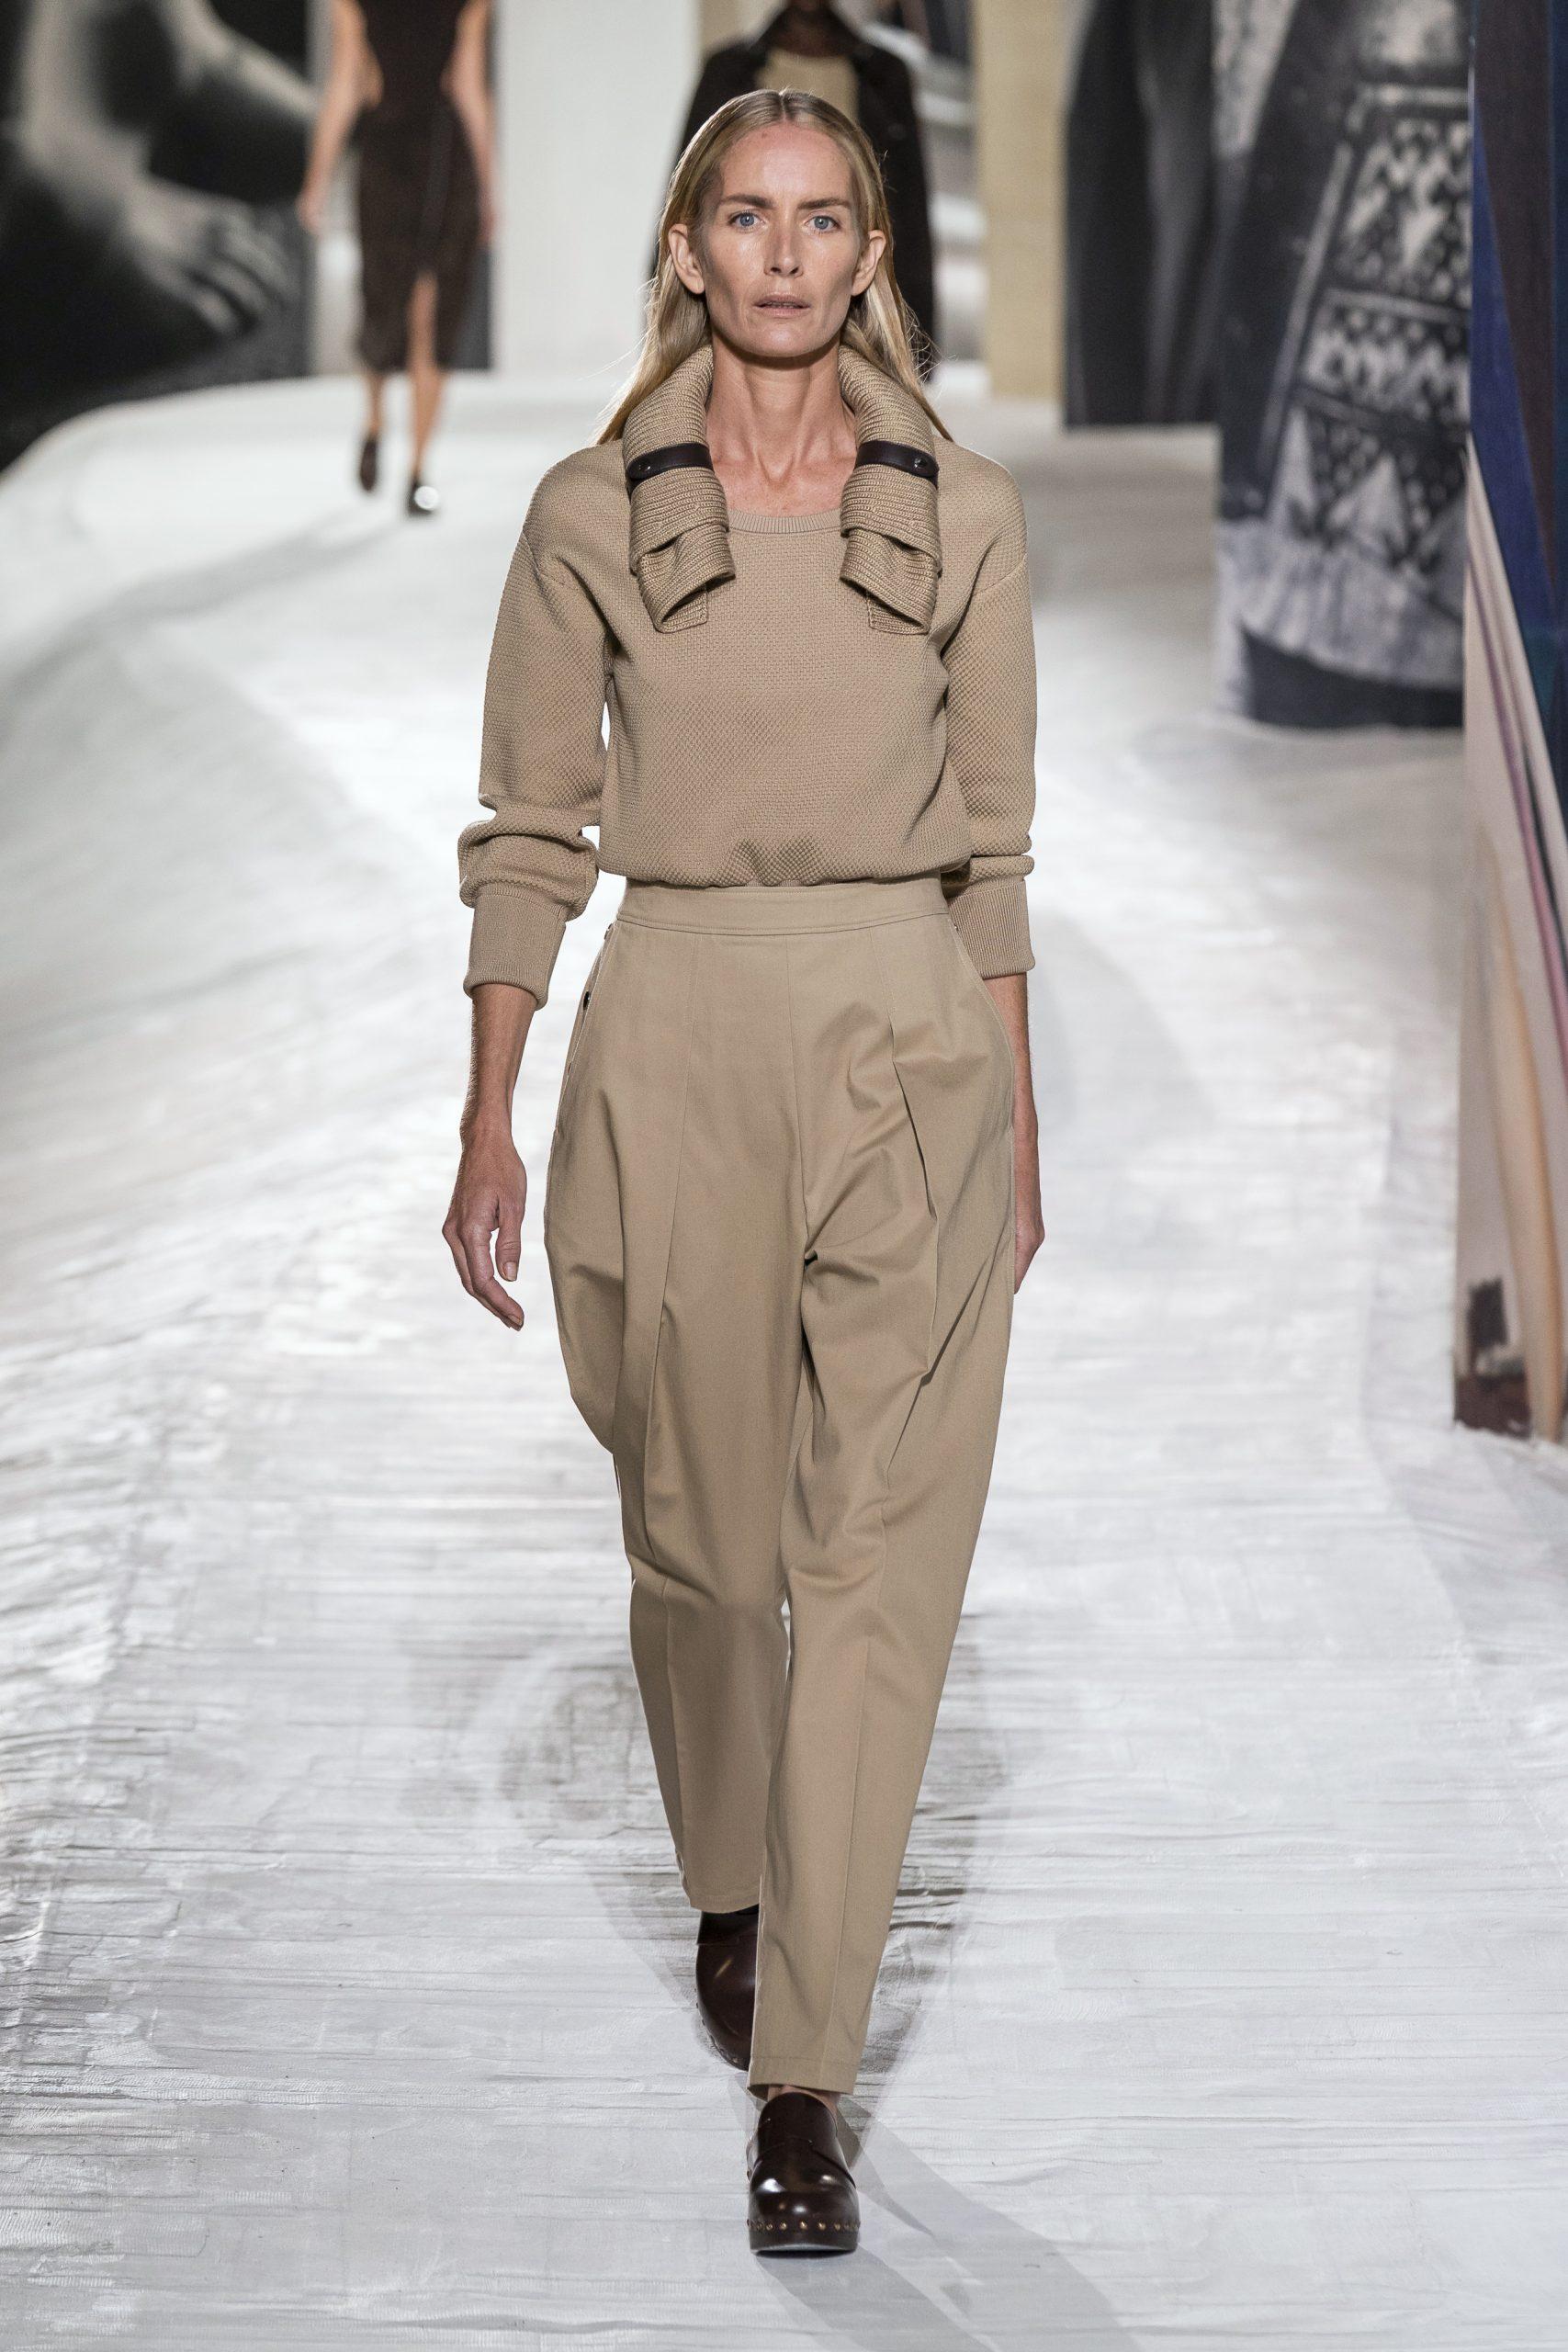 6. kép: Párizsi divathét - Hermès - 2021 tavasz-nyár - ready to wear